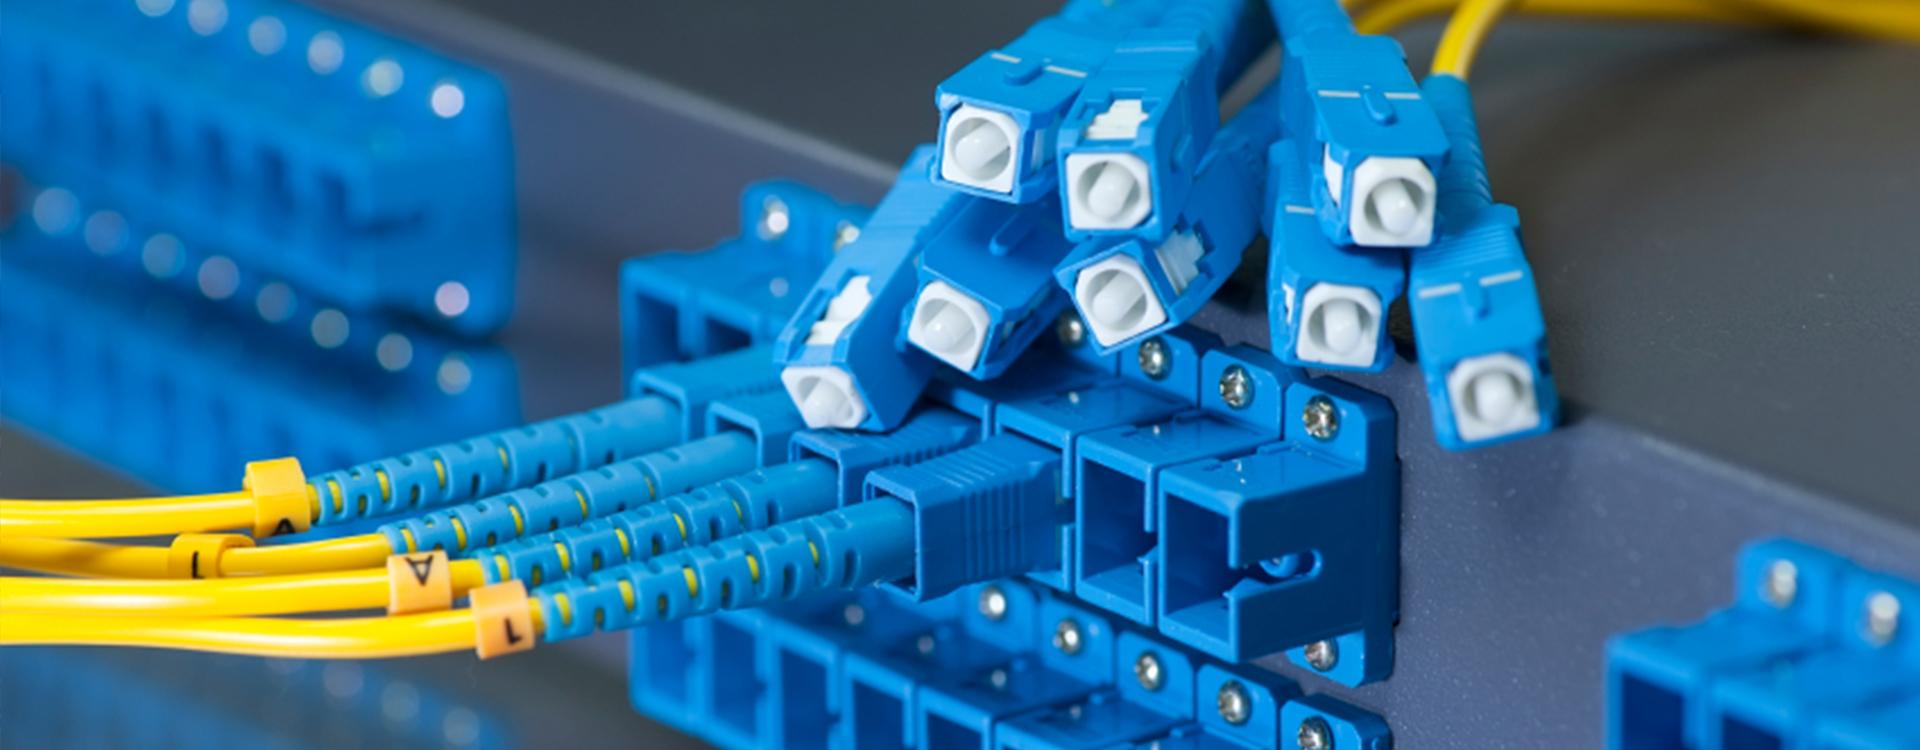 Installation d'une fibre optique pour entreprise par Profibre